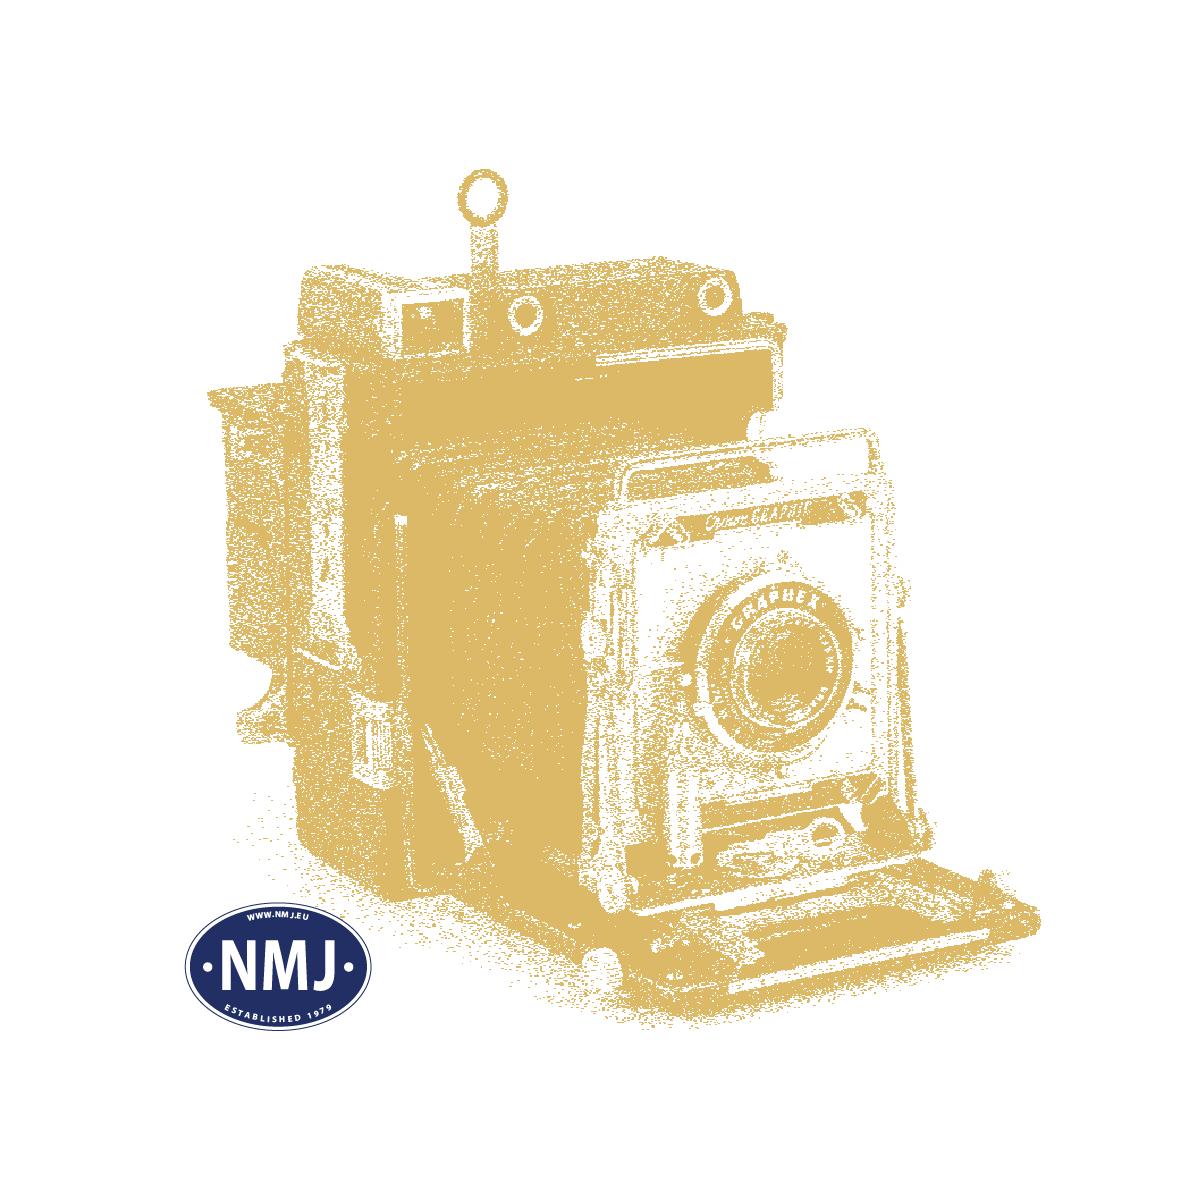 XURTK2200 - Verktøysett for modelljernbane